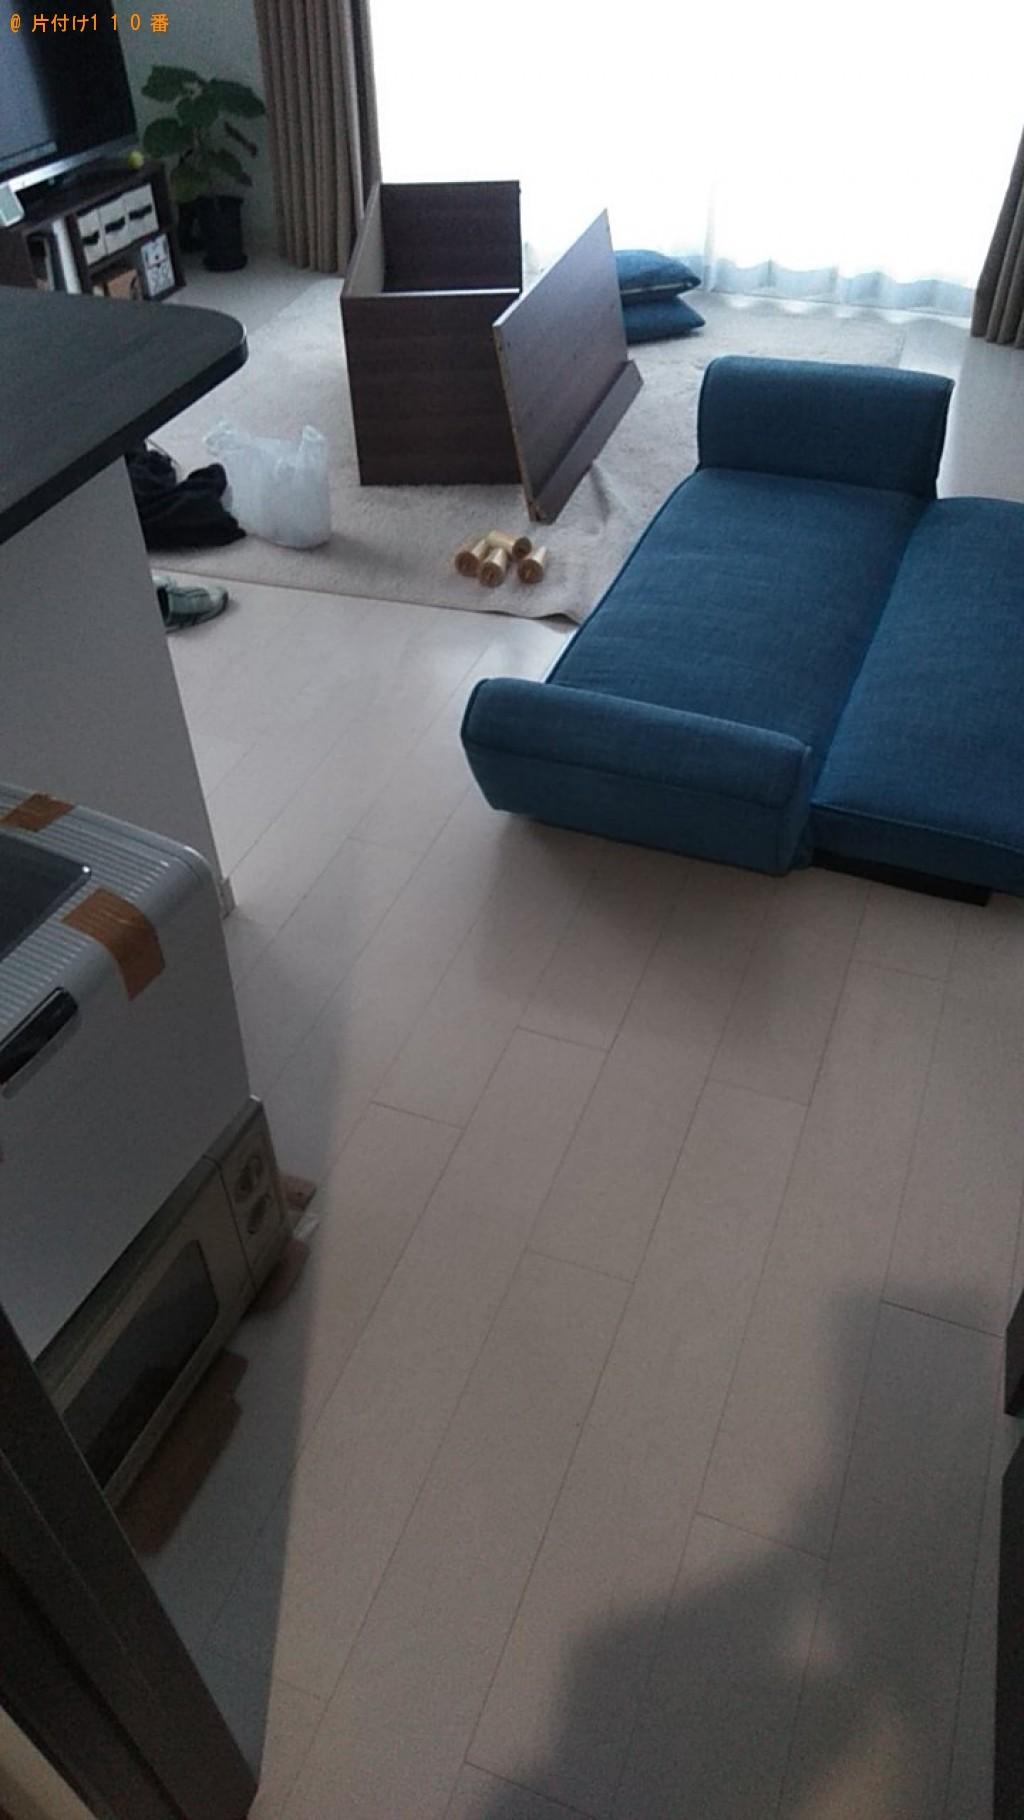 【松山市三番町】ローテーブル、ソファー、小型冷蔵庫等の回収・処分